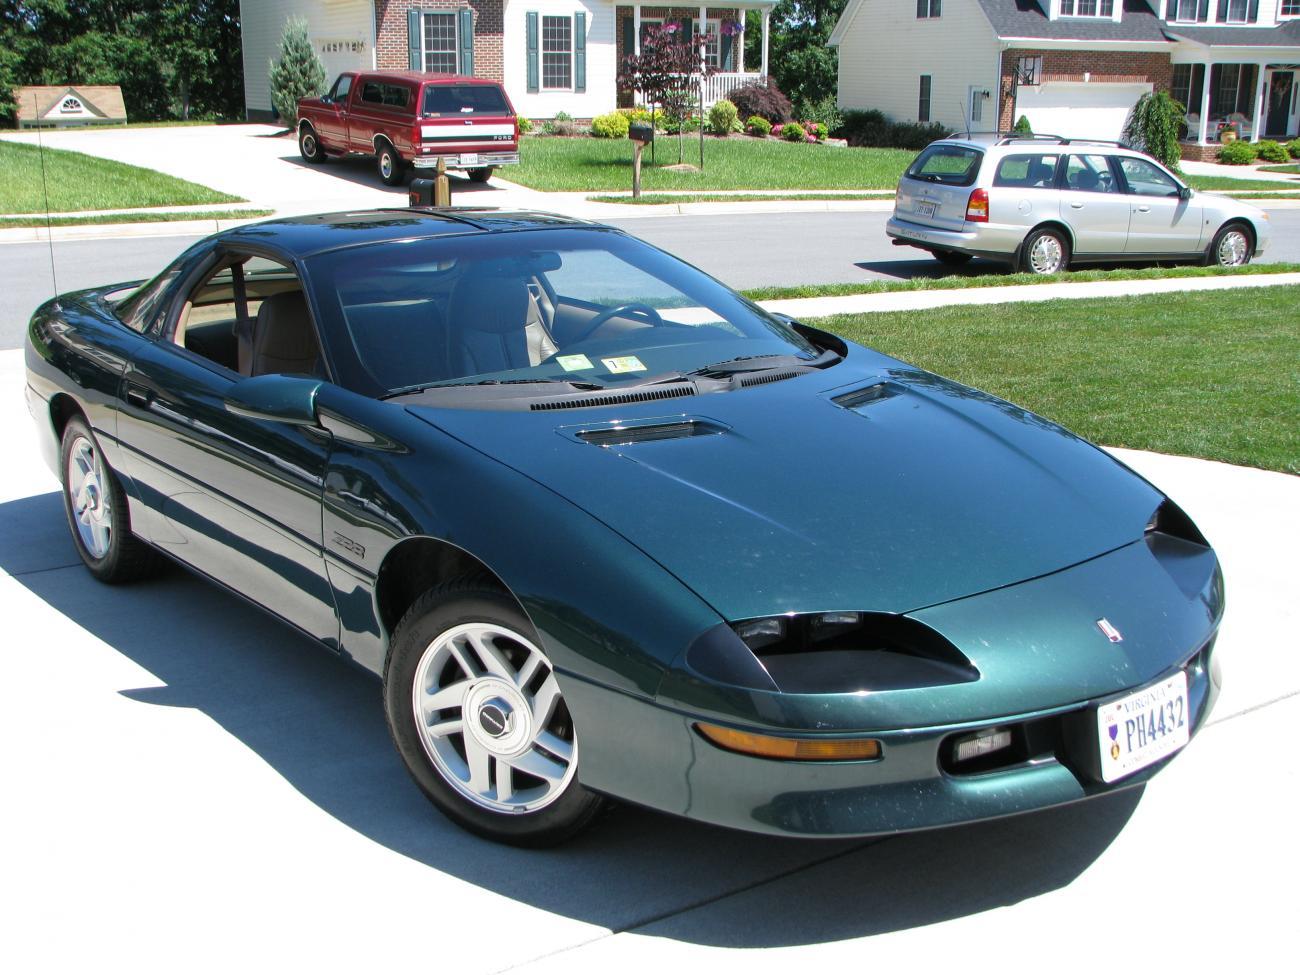 1995 Camaro Z28 For Sale - $6500 - Camaro5 Chevy Camaro ...